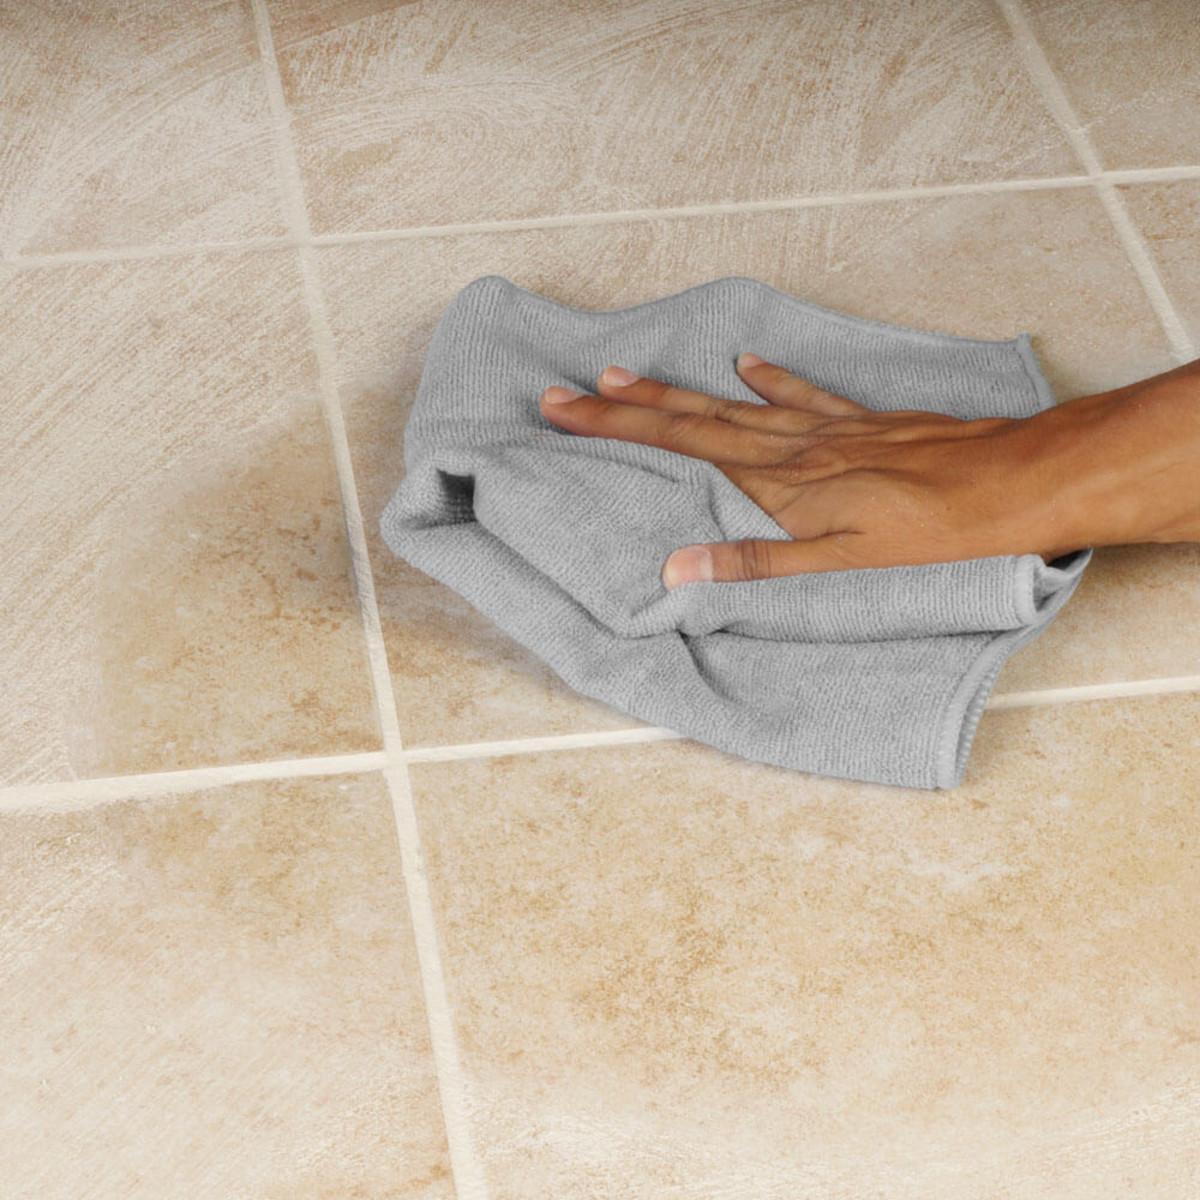 Grout haze Clean Microfiber Towel